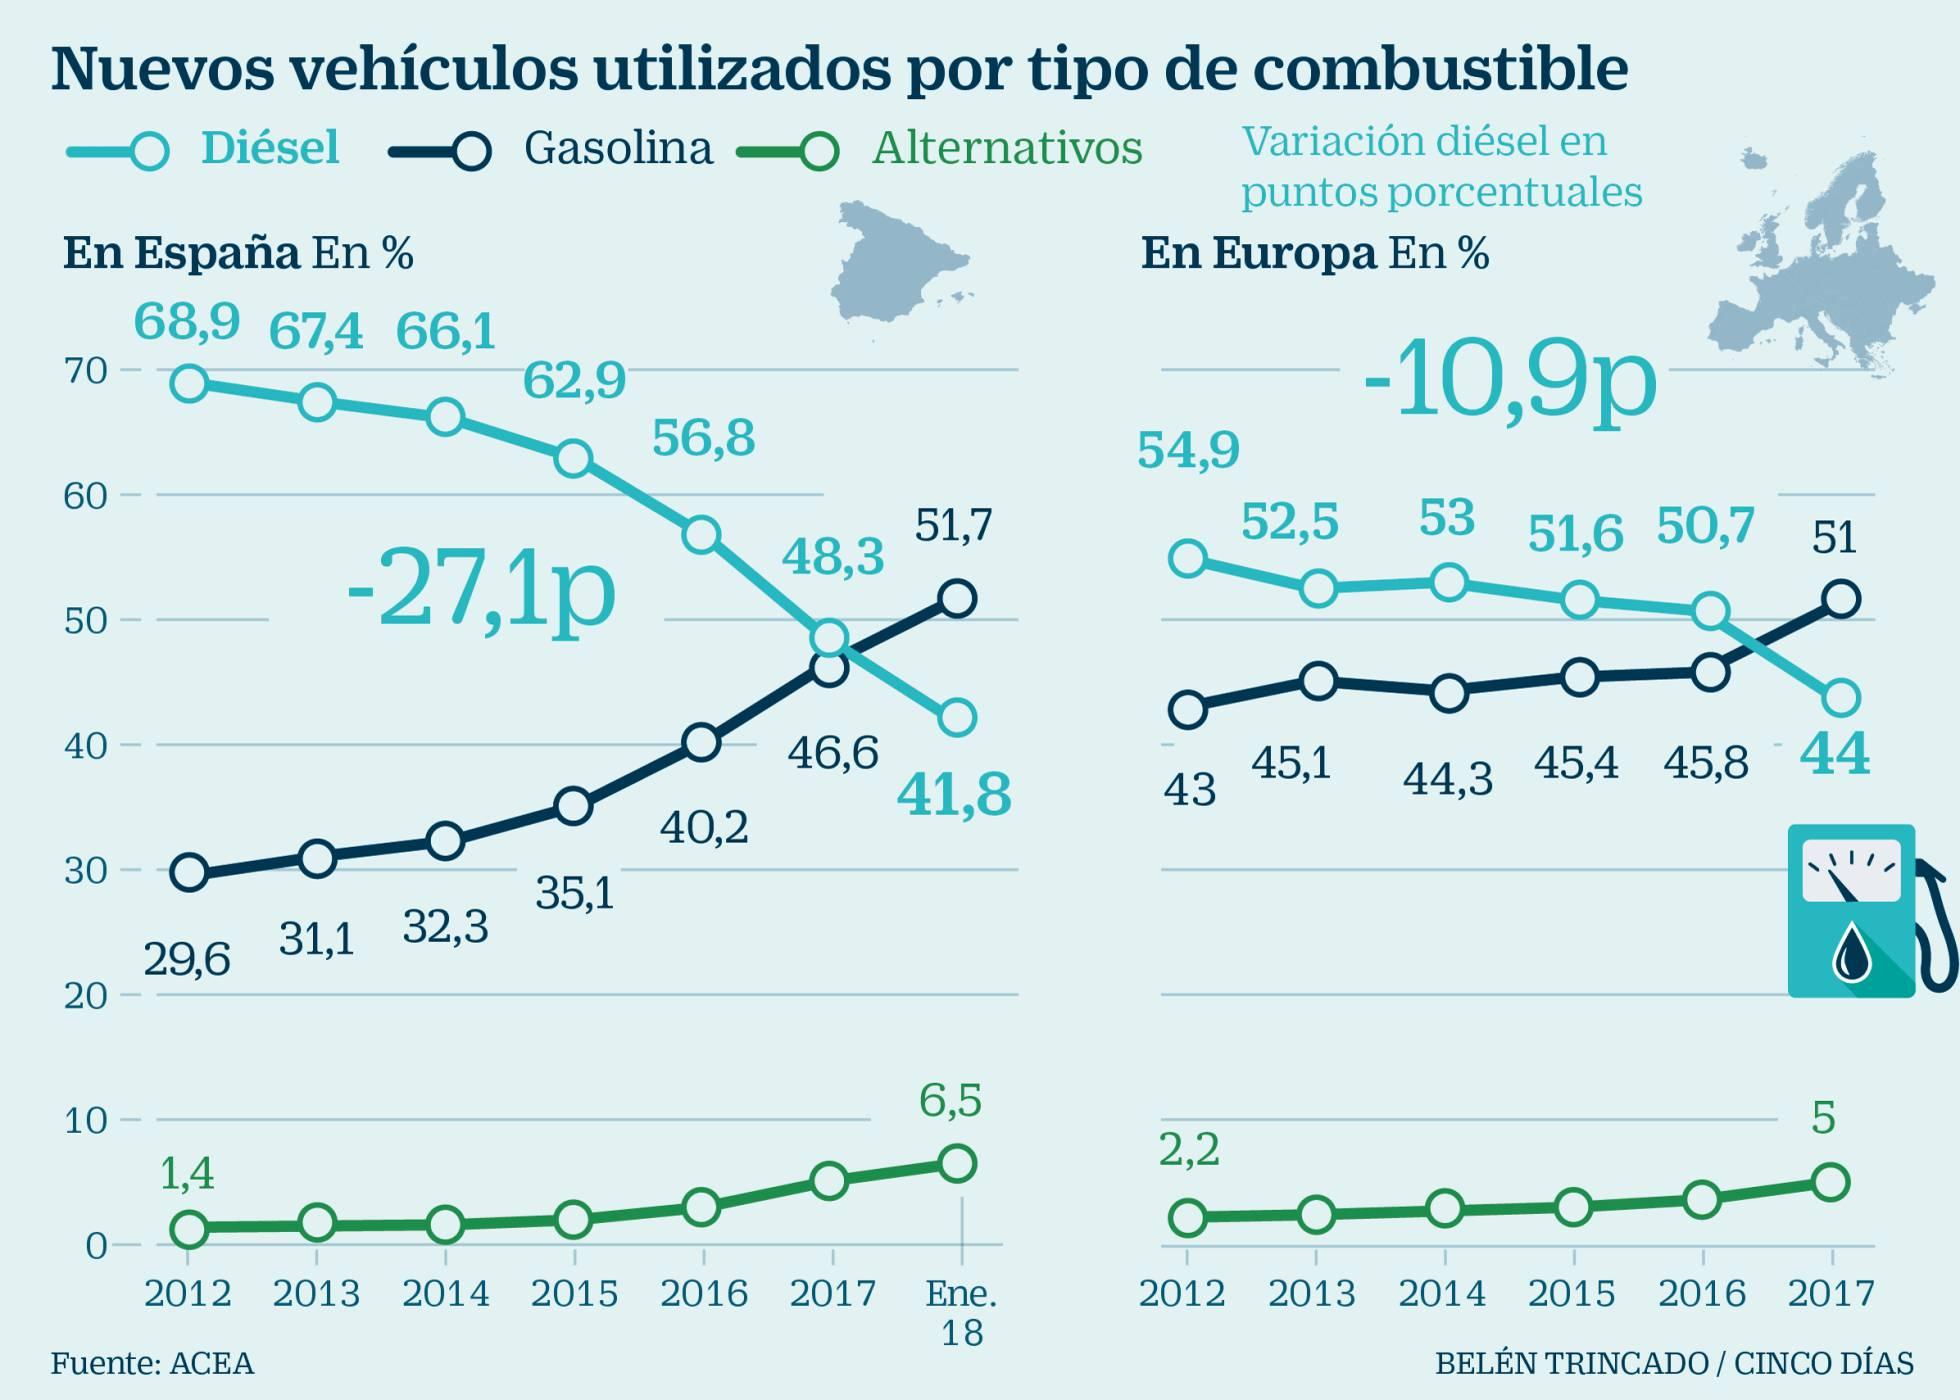 ventas diesel vs gasolina